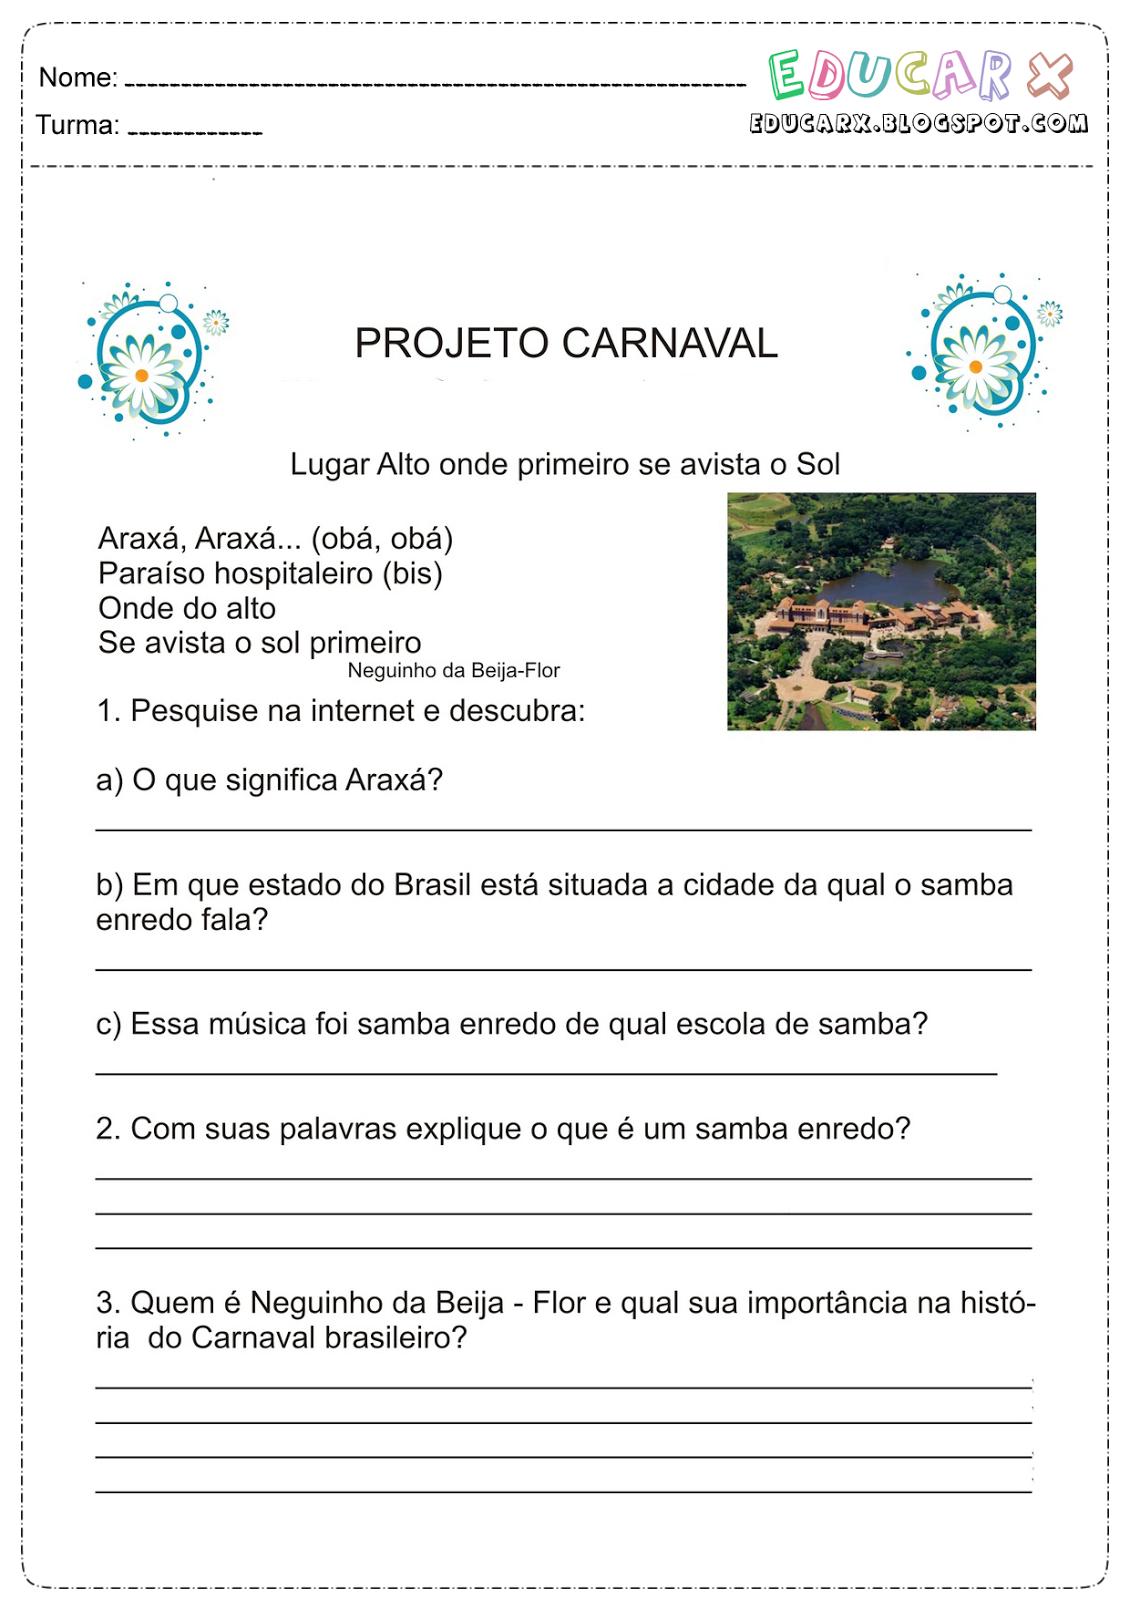 Texto sobre o carnaval